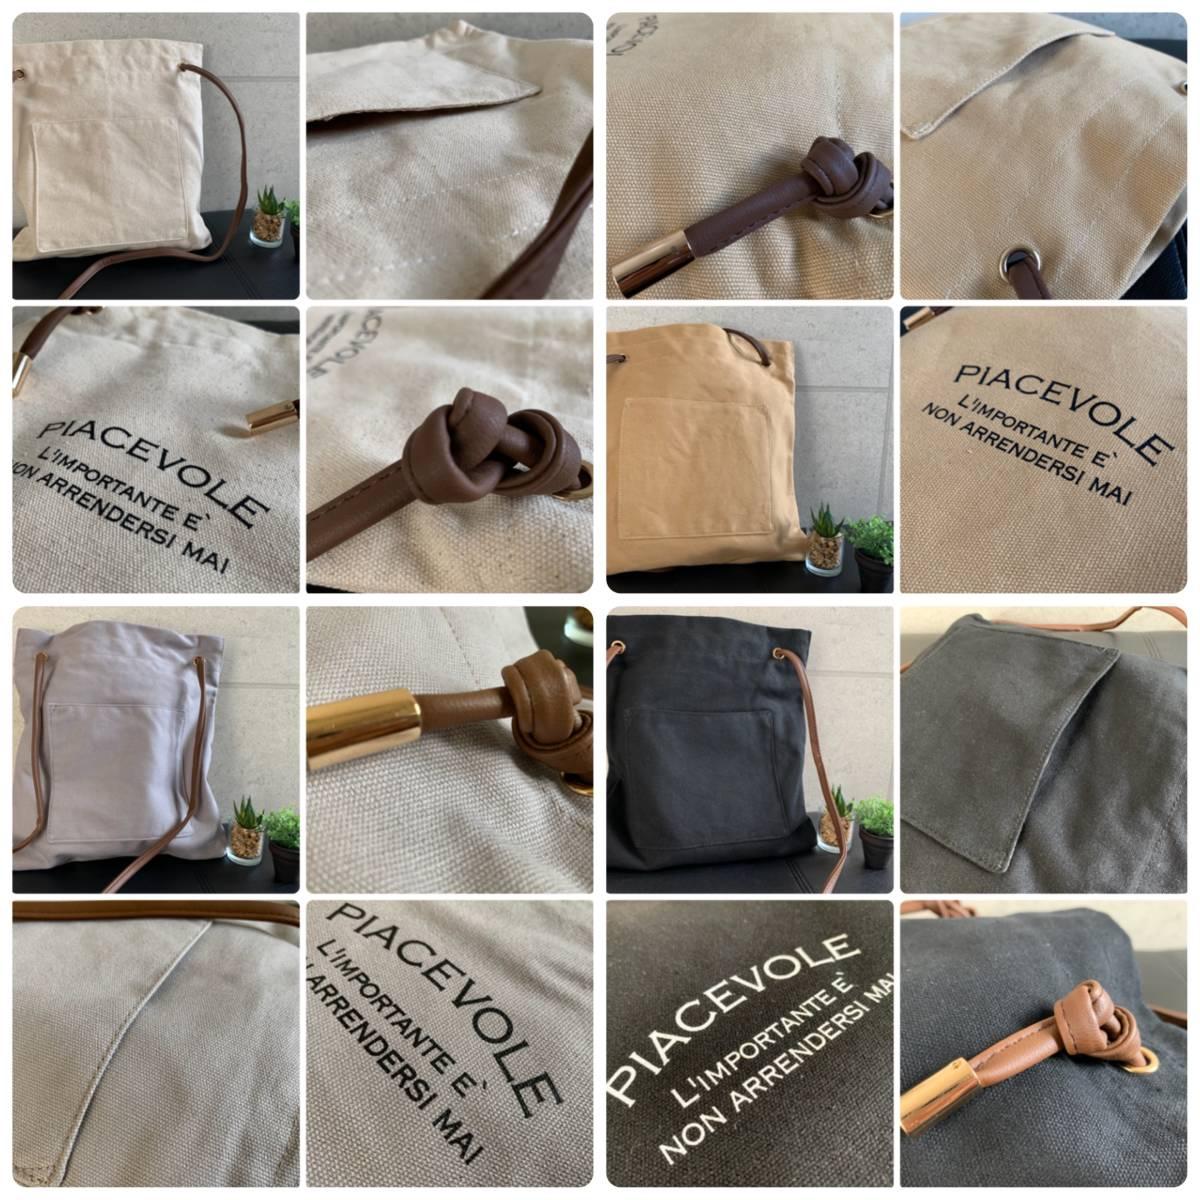 バッグ キャンバス サコッシュ ロゴ 軽量 軽い 綿 メンズ レディース ショルダーバッグ 斜め掛け バック ポケット シンプル 男女兼用  _画像3